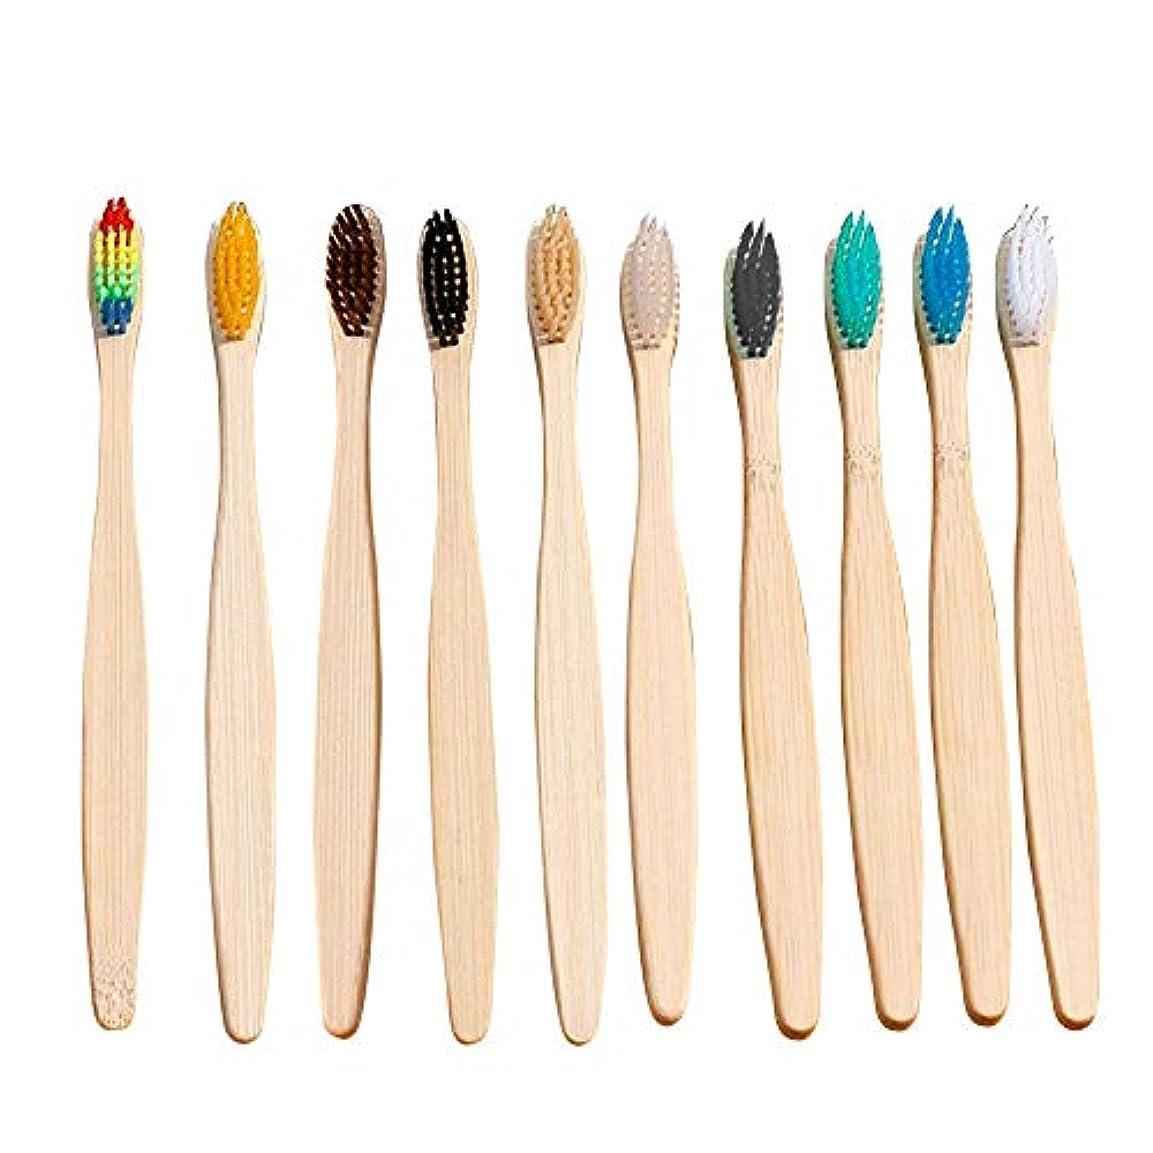 なので衝突サバントLixada ハブラシ 歯ブラシ 10pcs 天然竹 柔らかい 握りやすい ホーム ホテル 旅行用